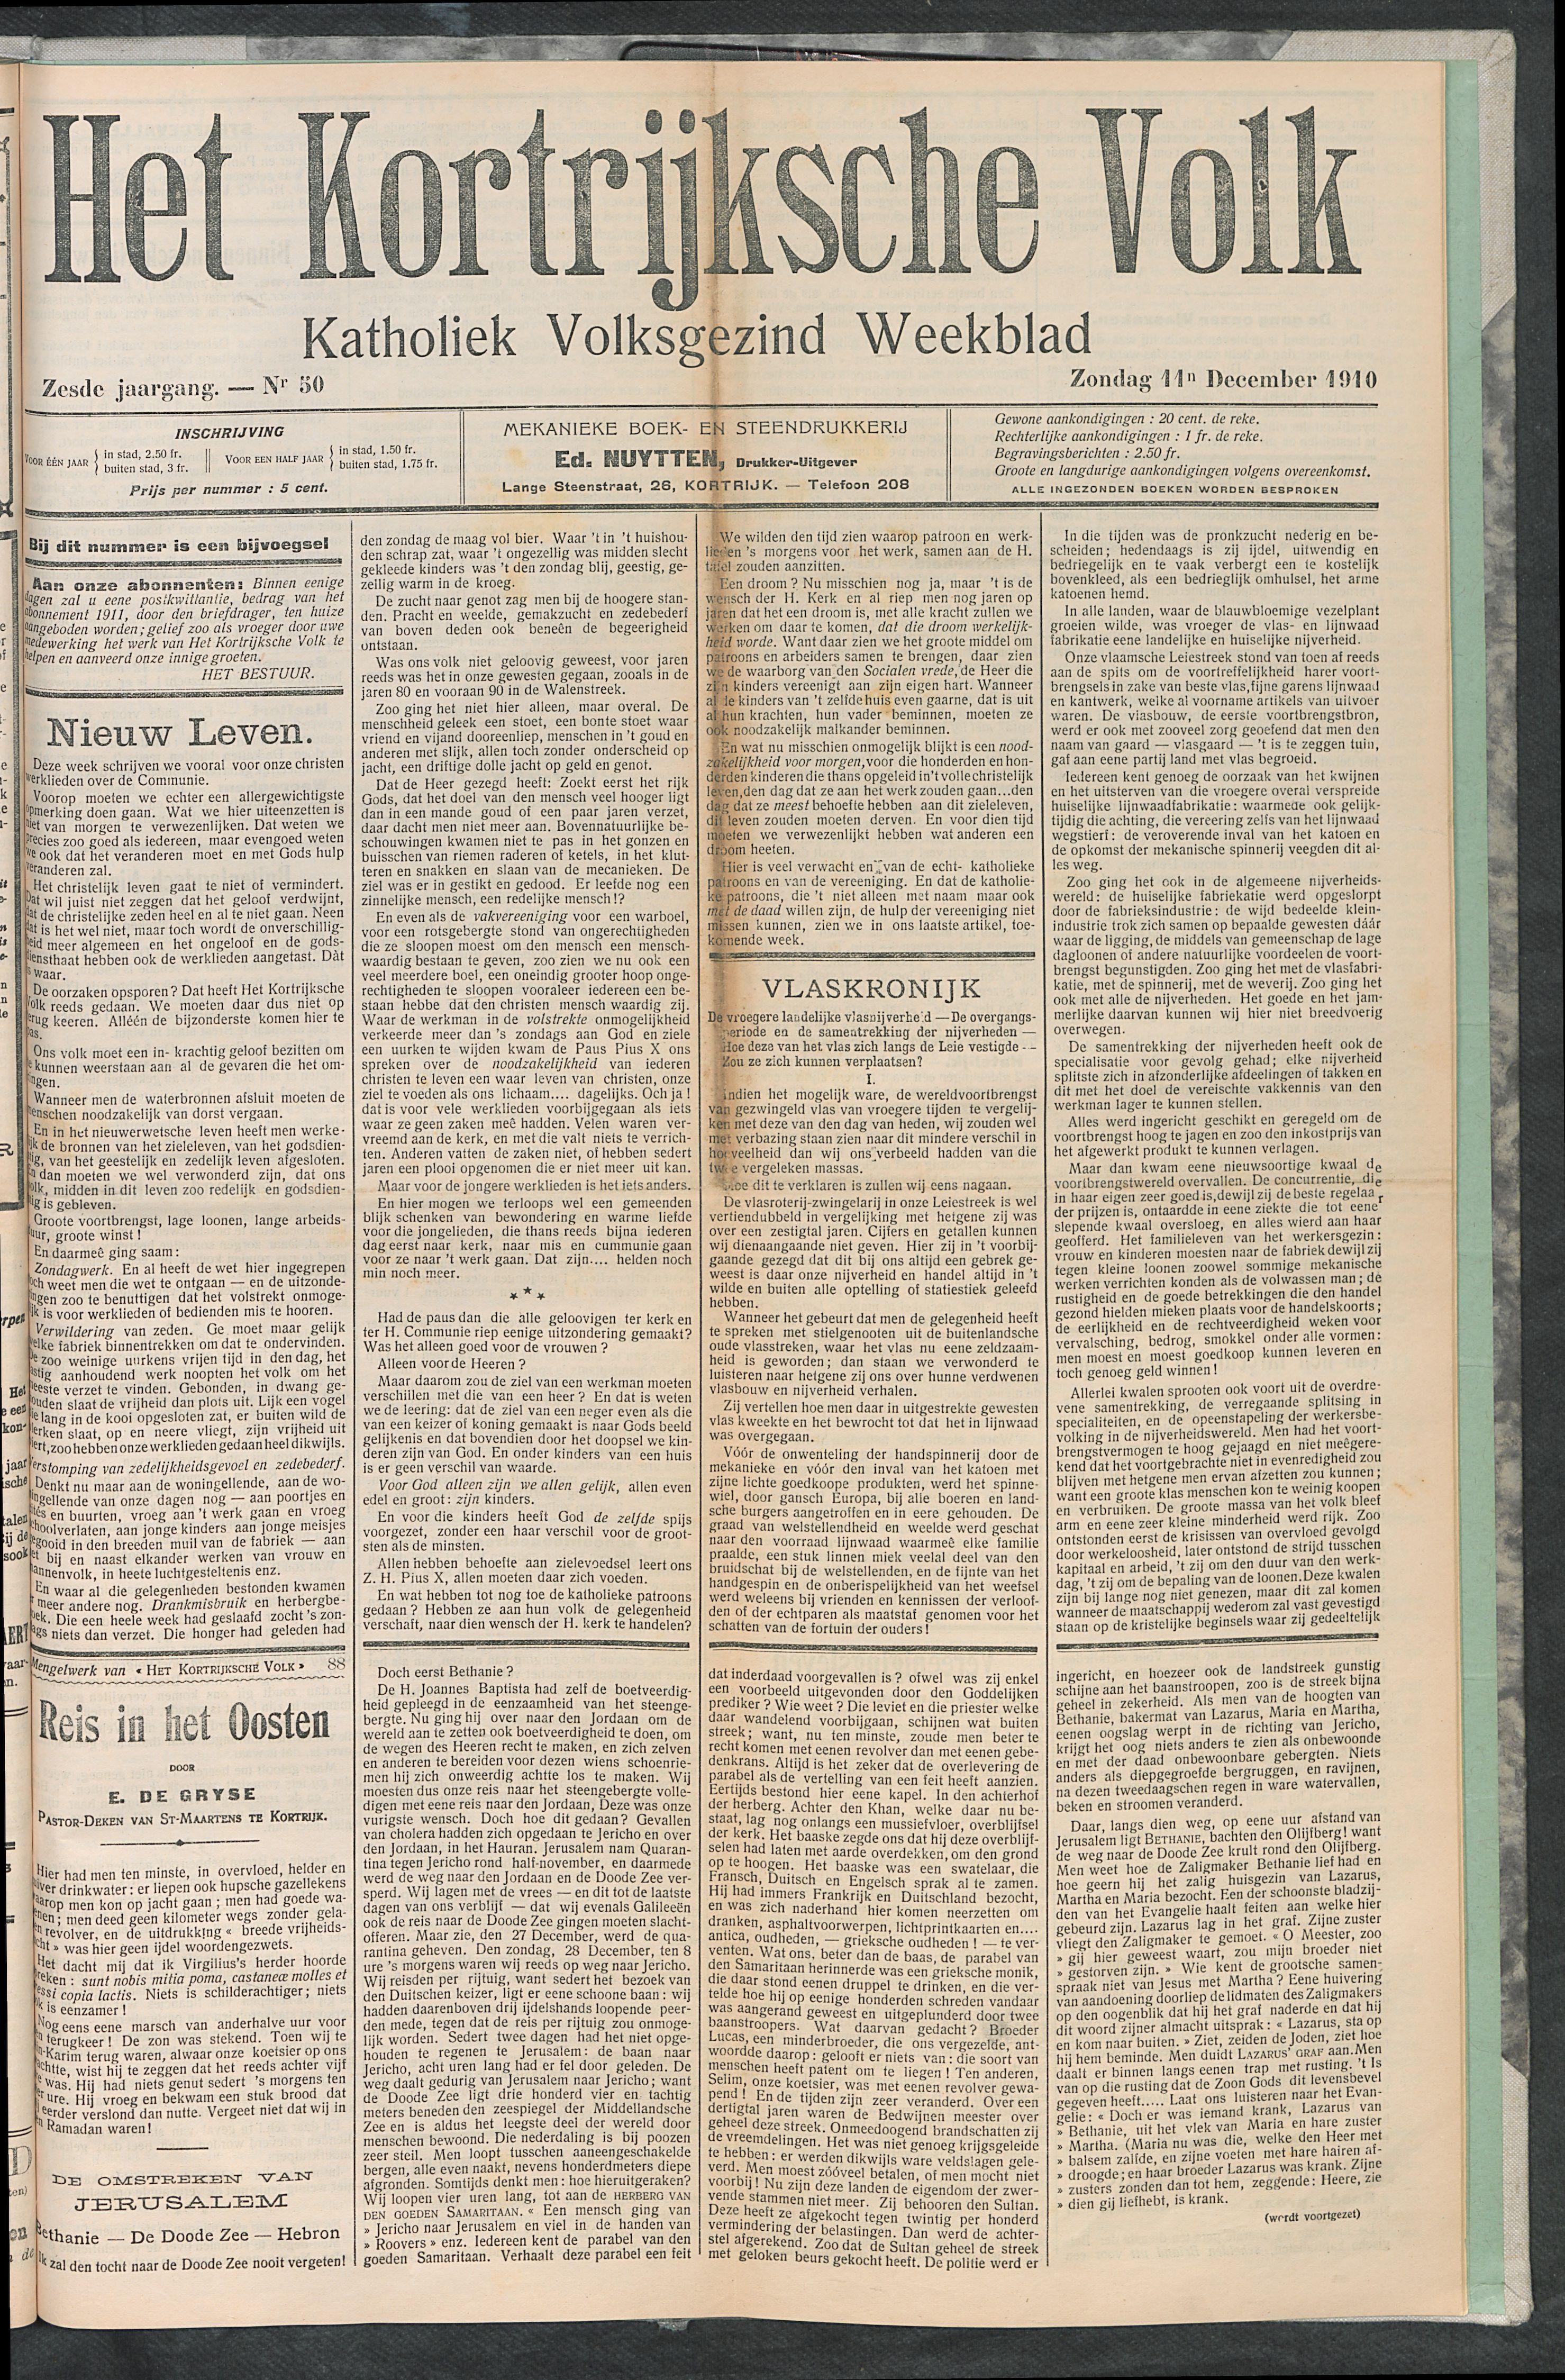 Het Kortrijksche Volk 1910-12-11 p1